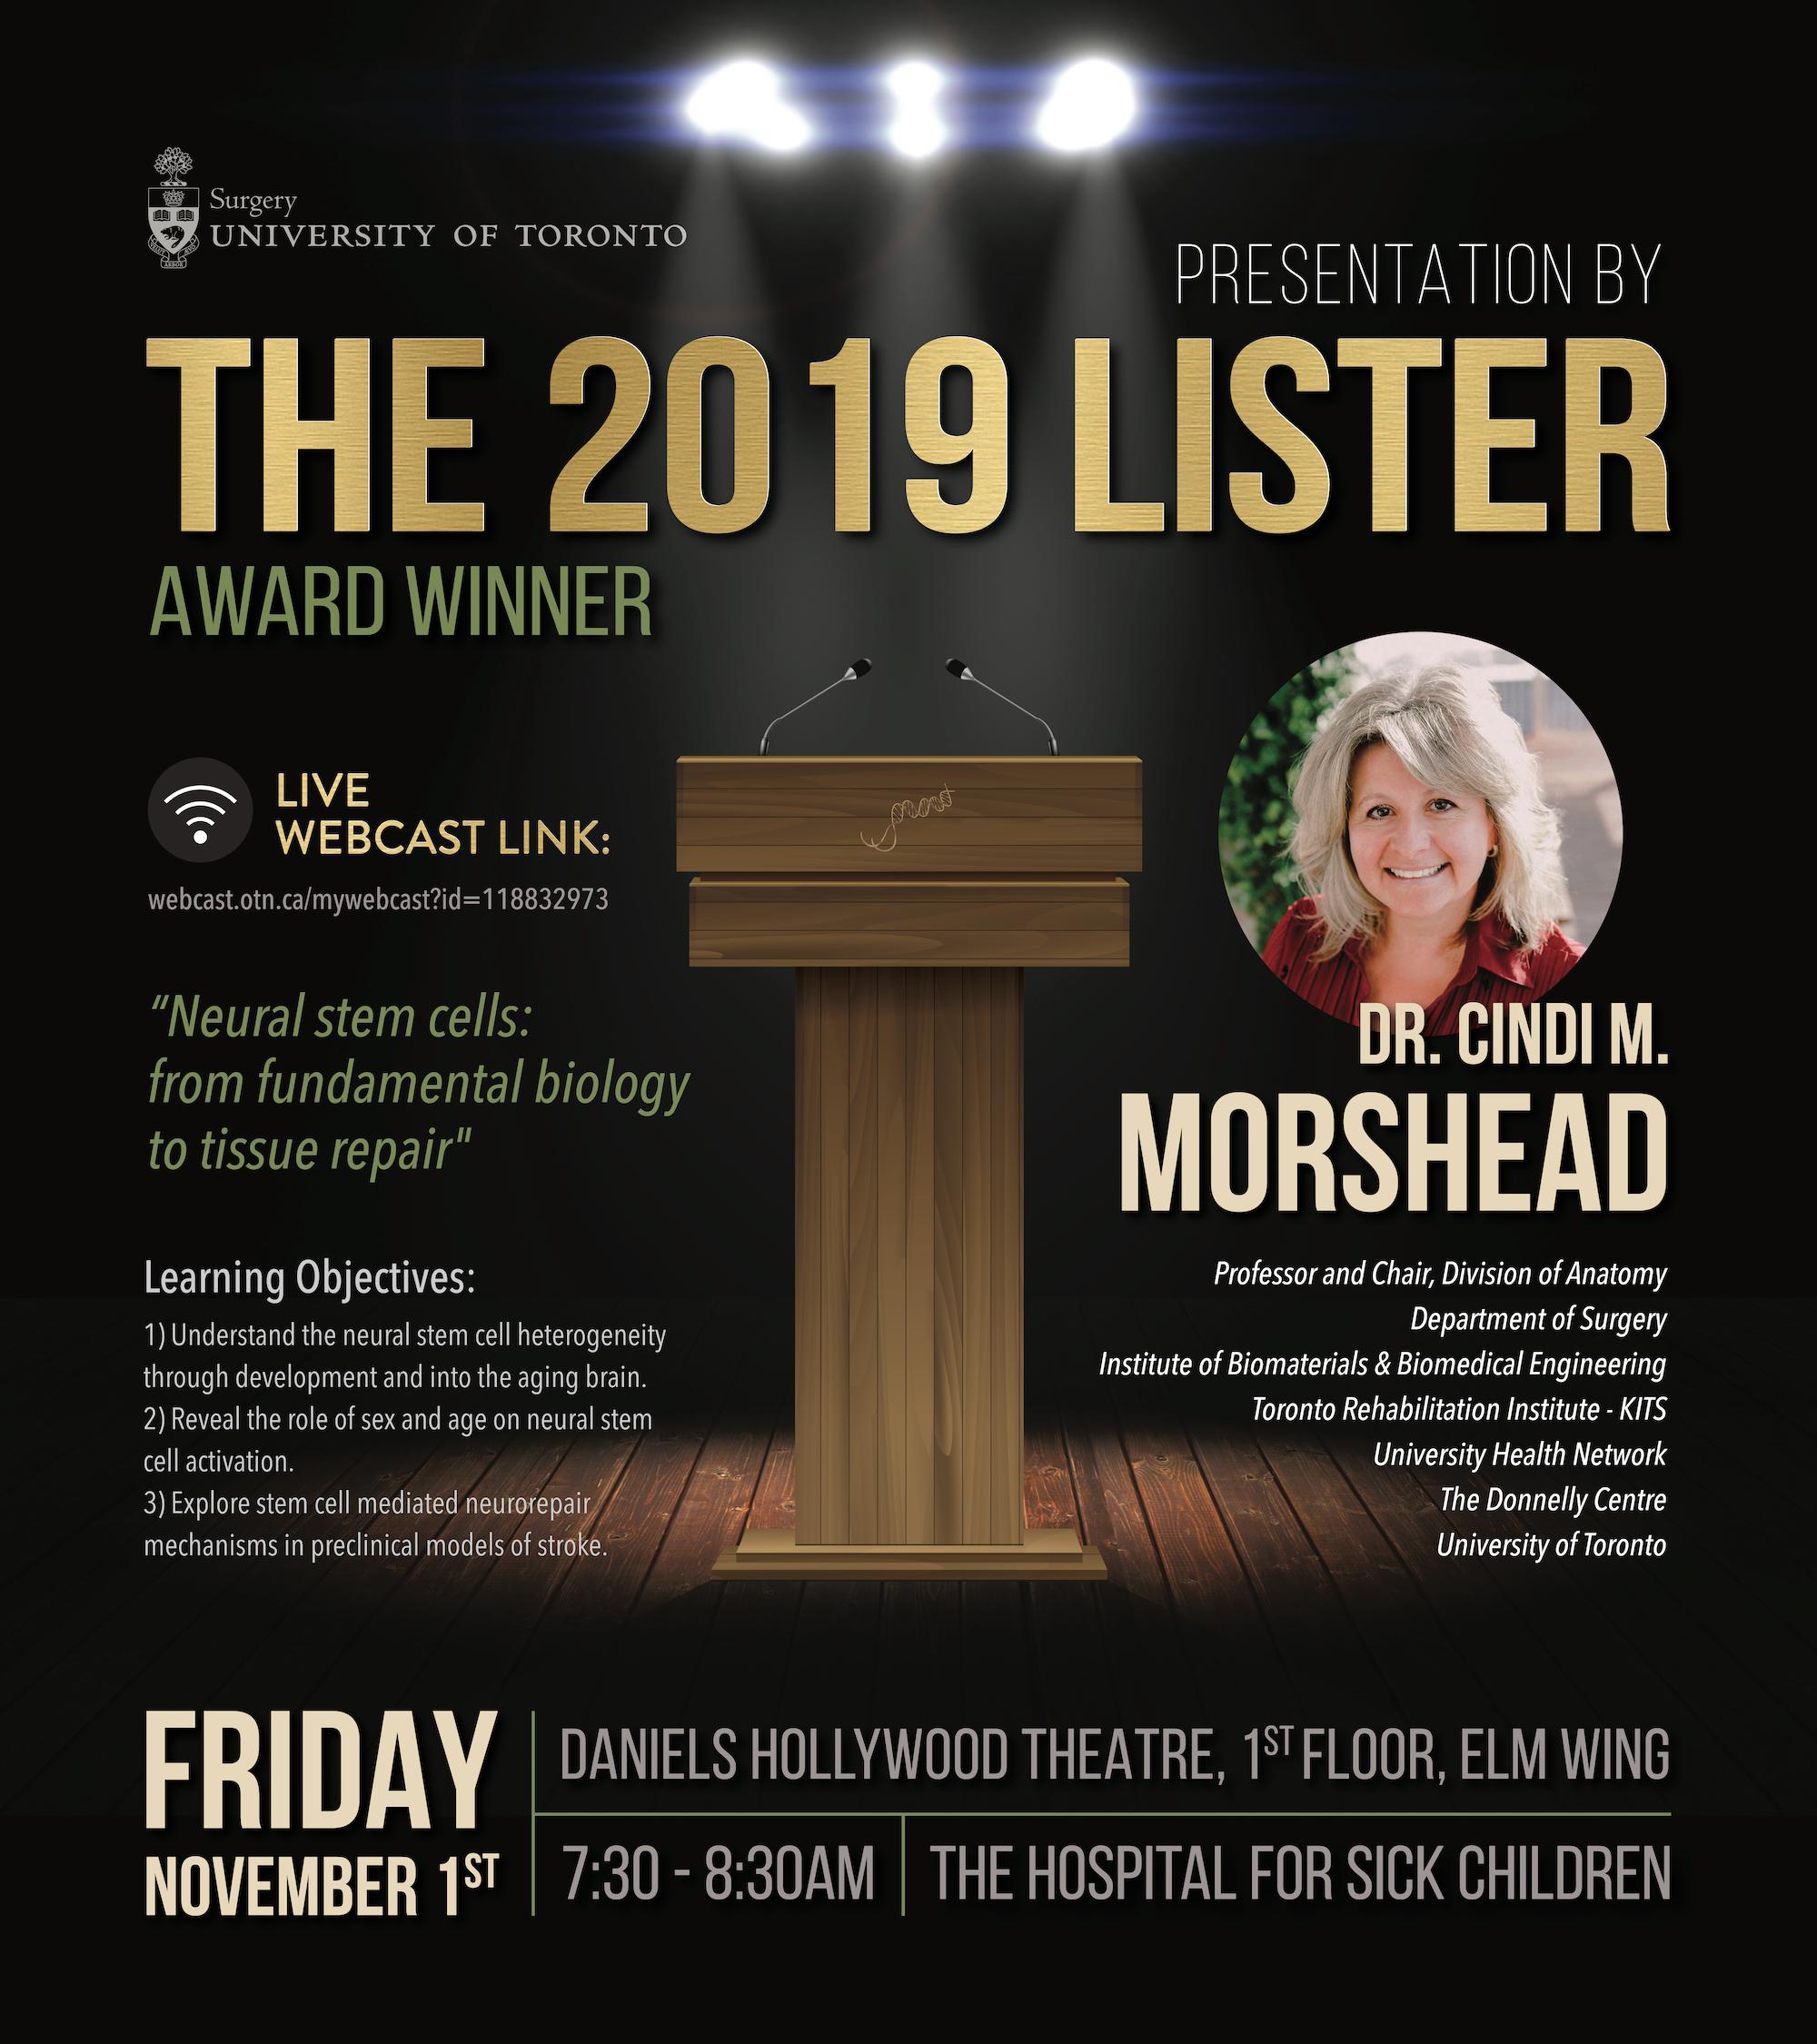 Llster Award Winner 2019